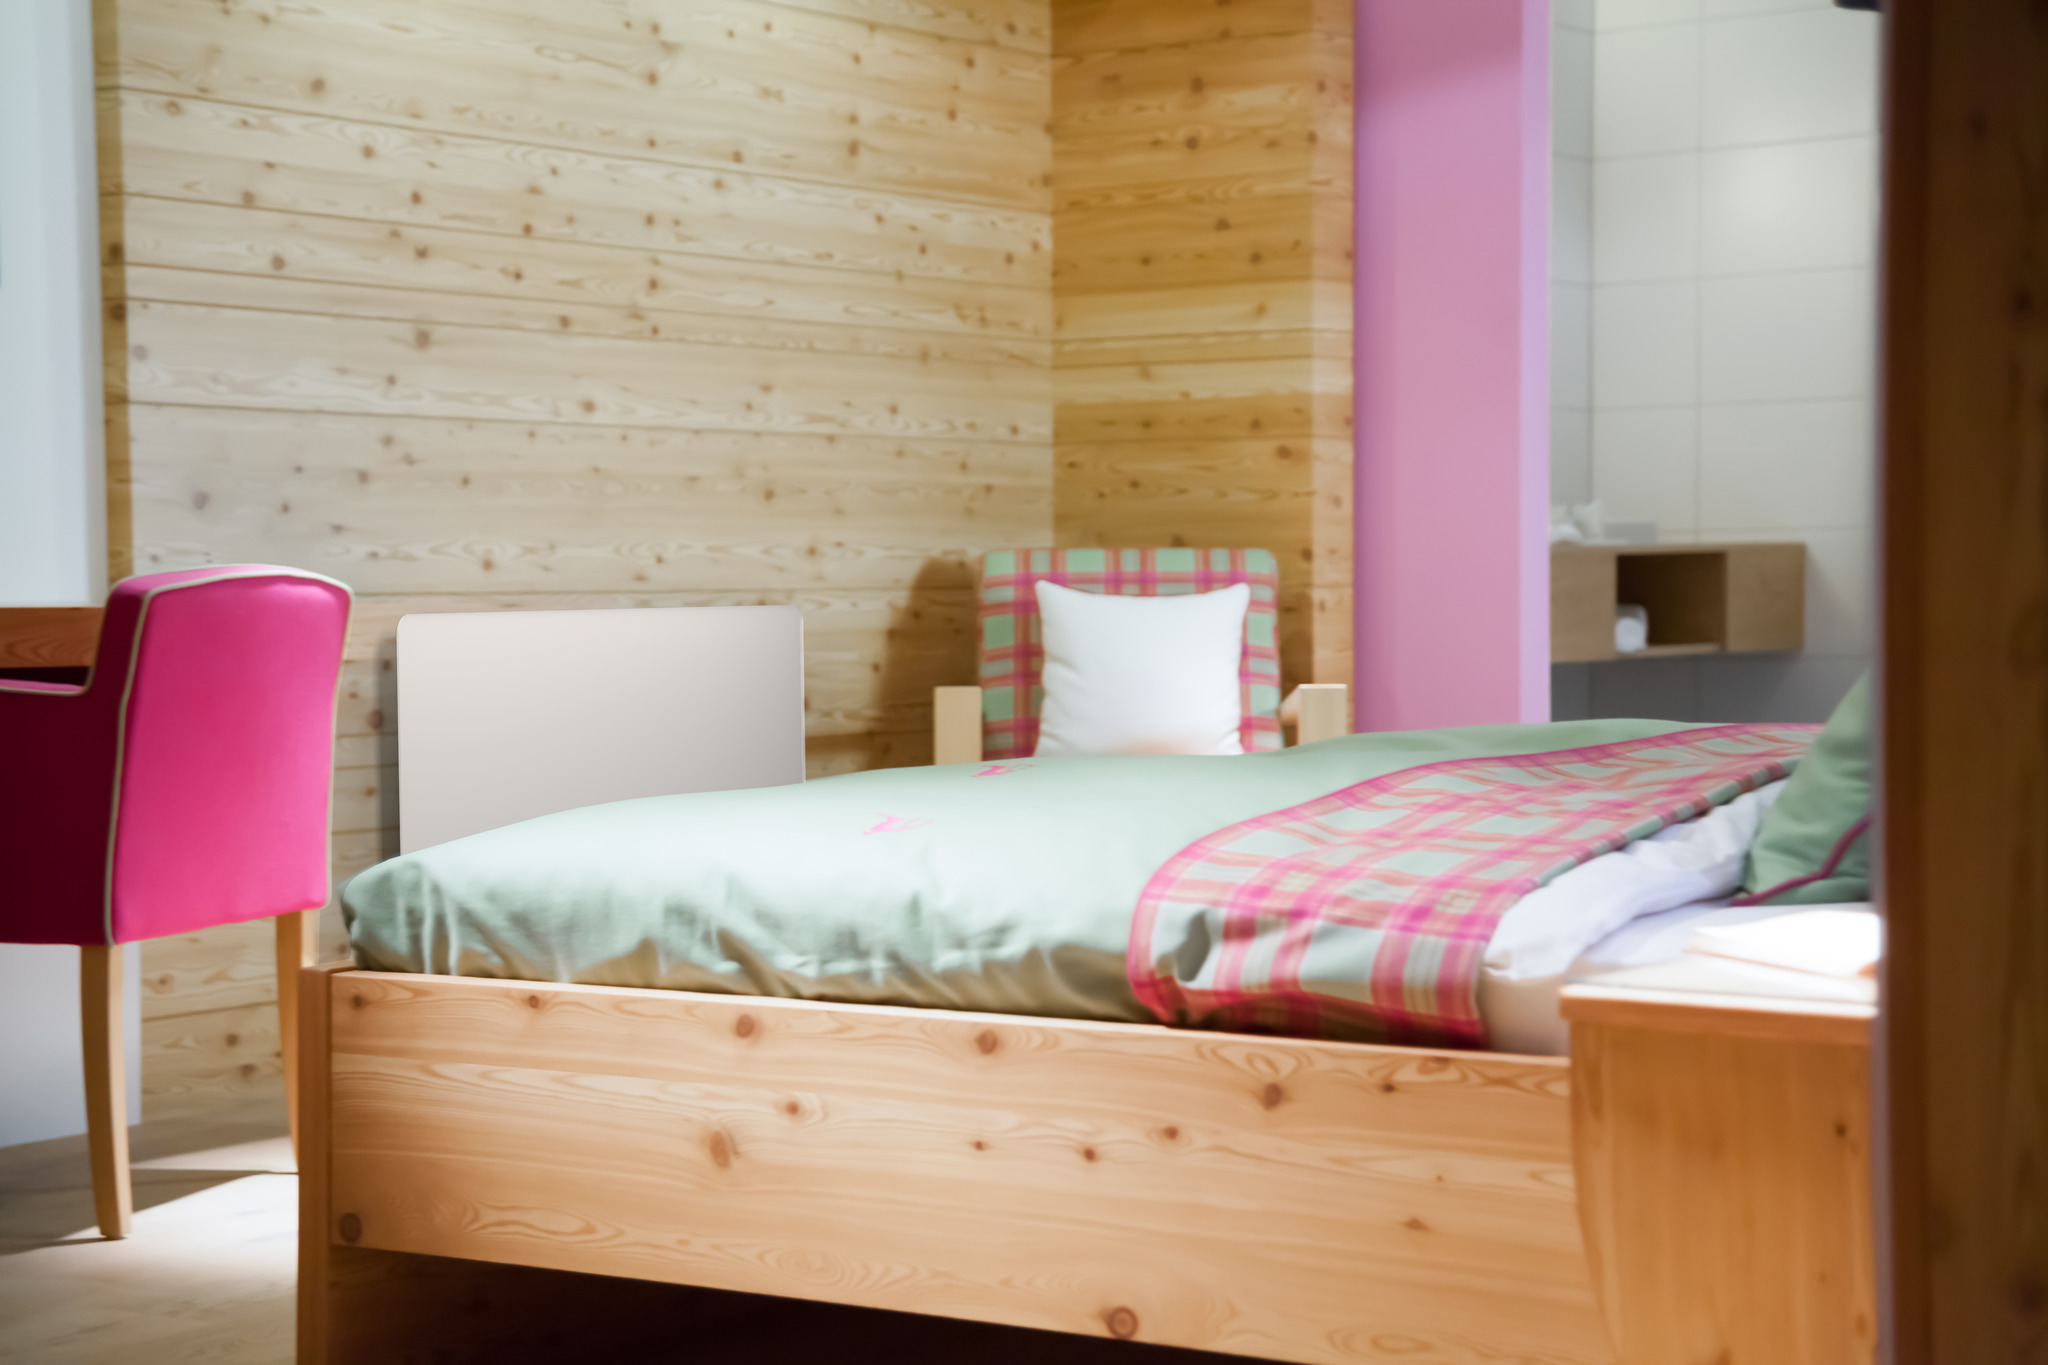 aus diesen 7 gr nden sollten sie mit infrarot heizen klagenfurt. Black Bedroom Furniture Sets. Home Design Ideas